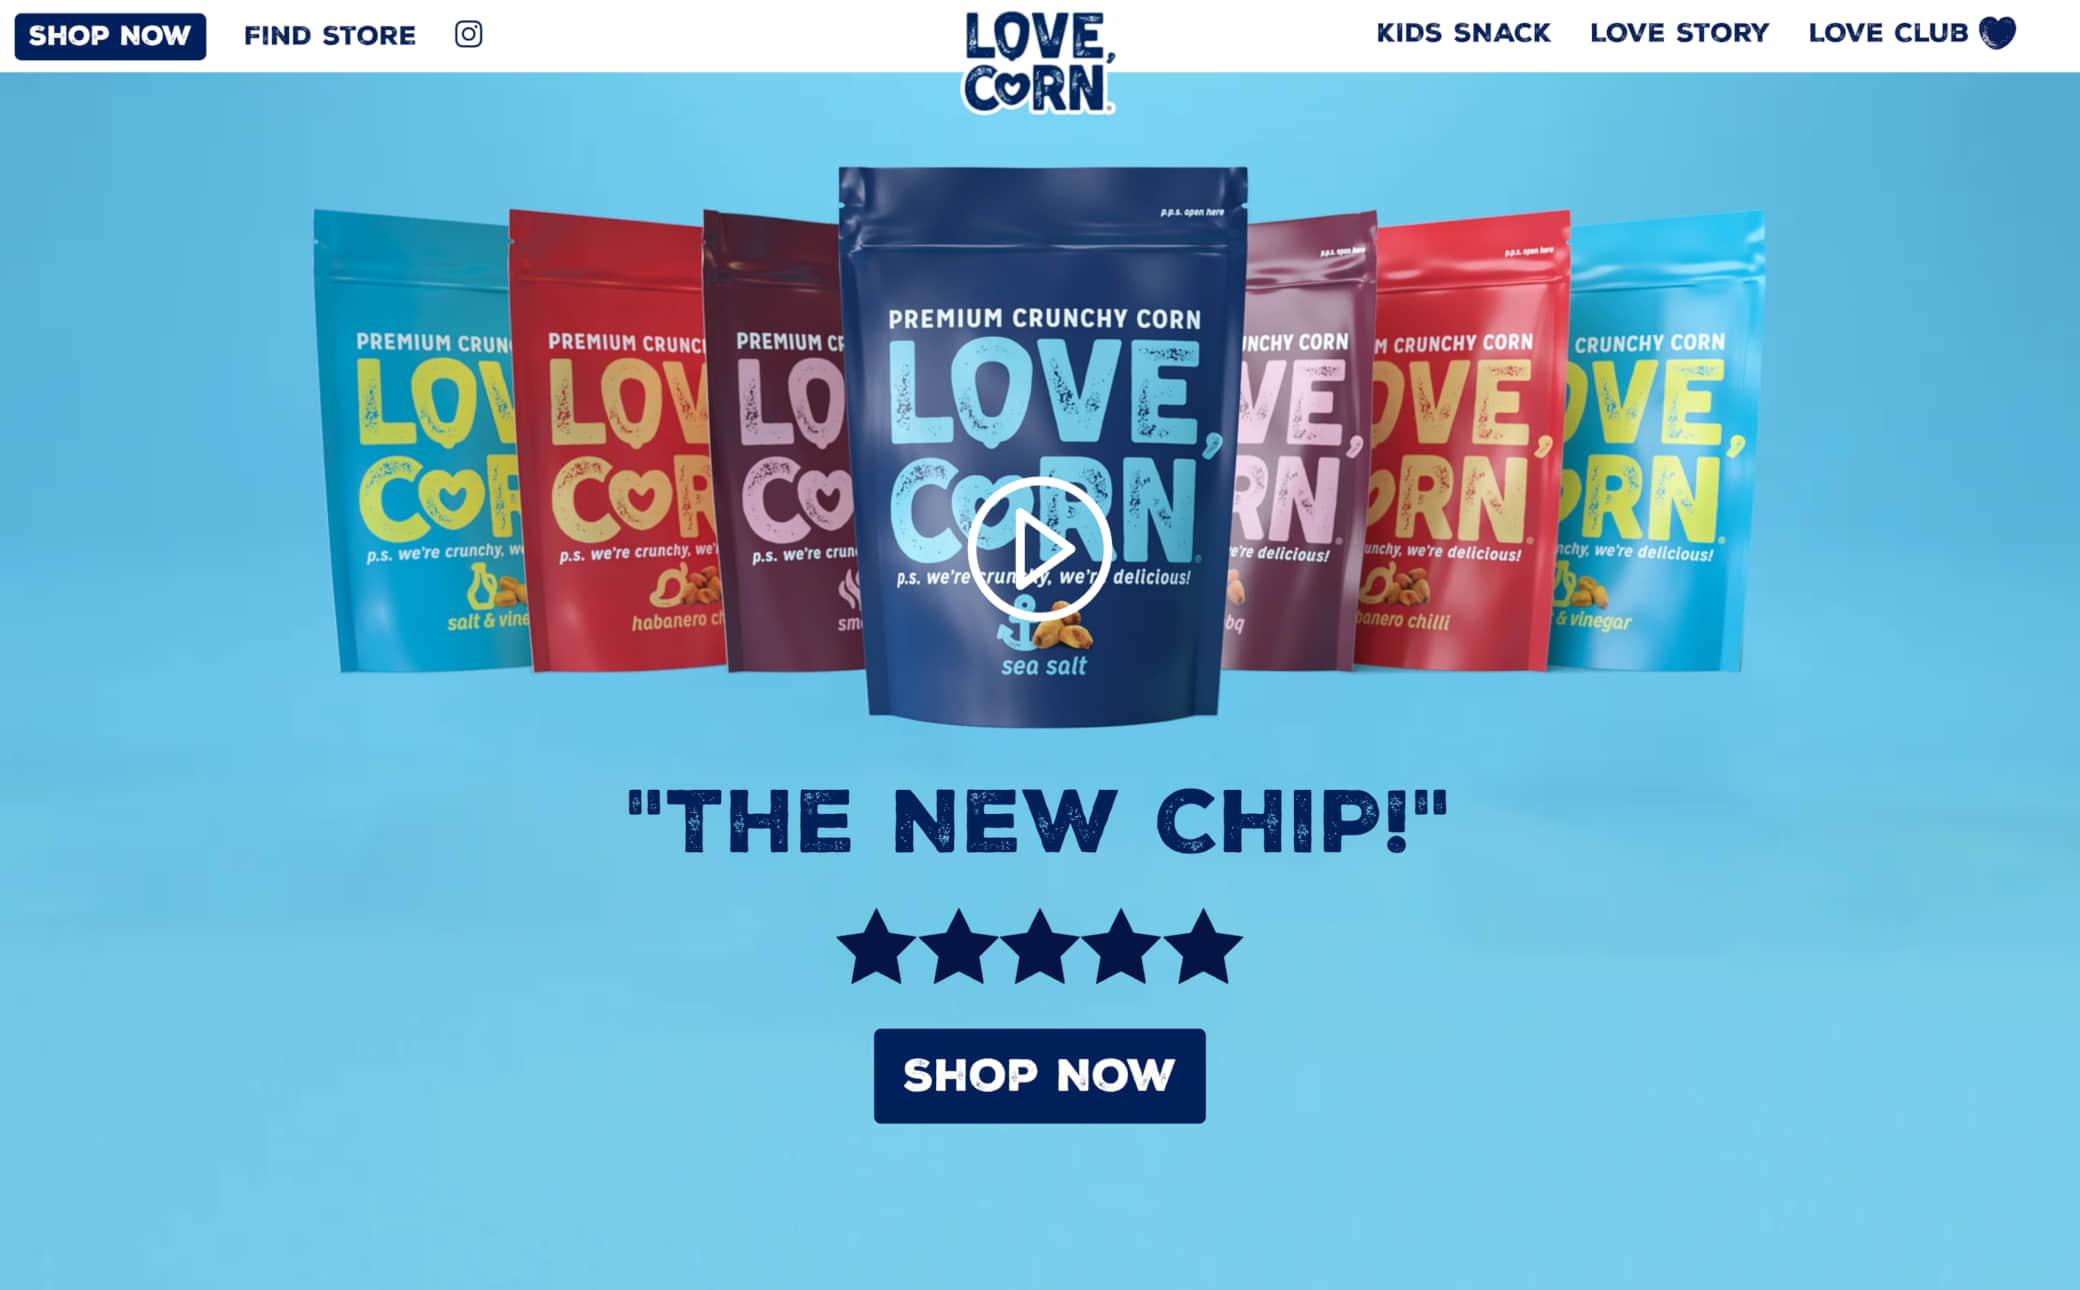 LOVE CORN Screenshot Main